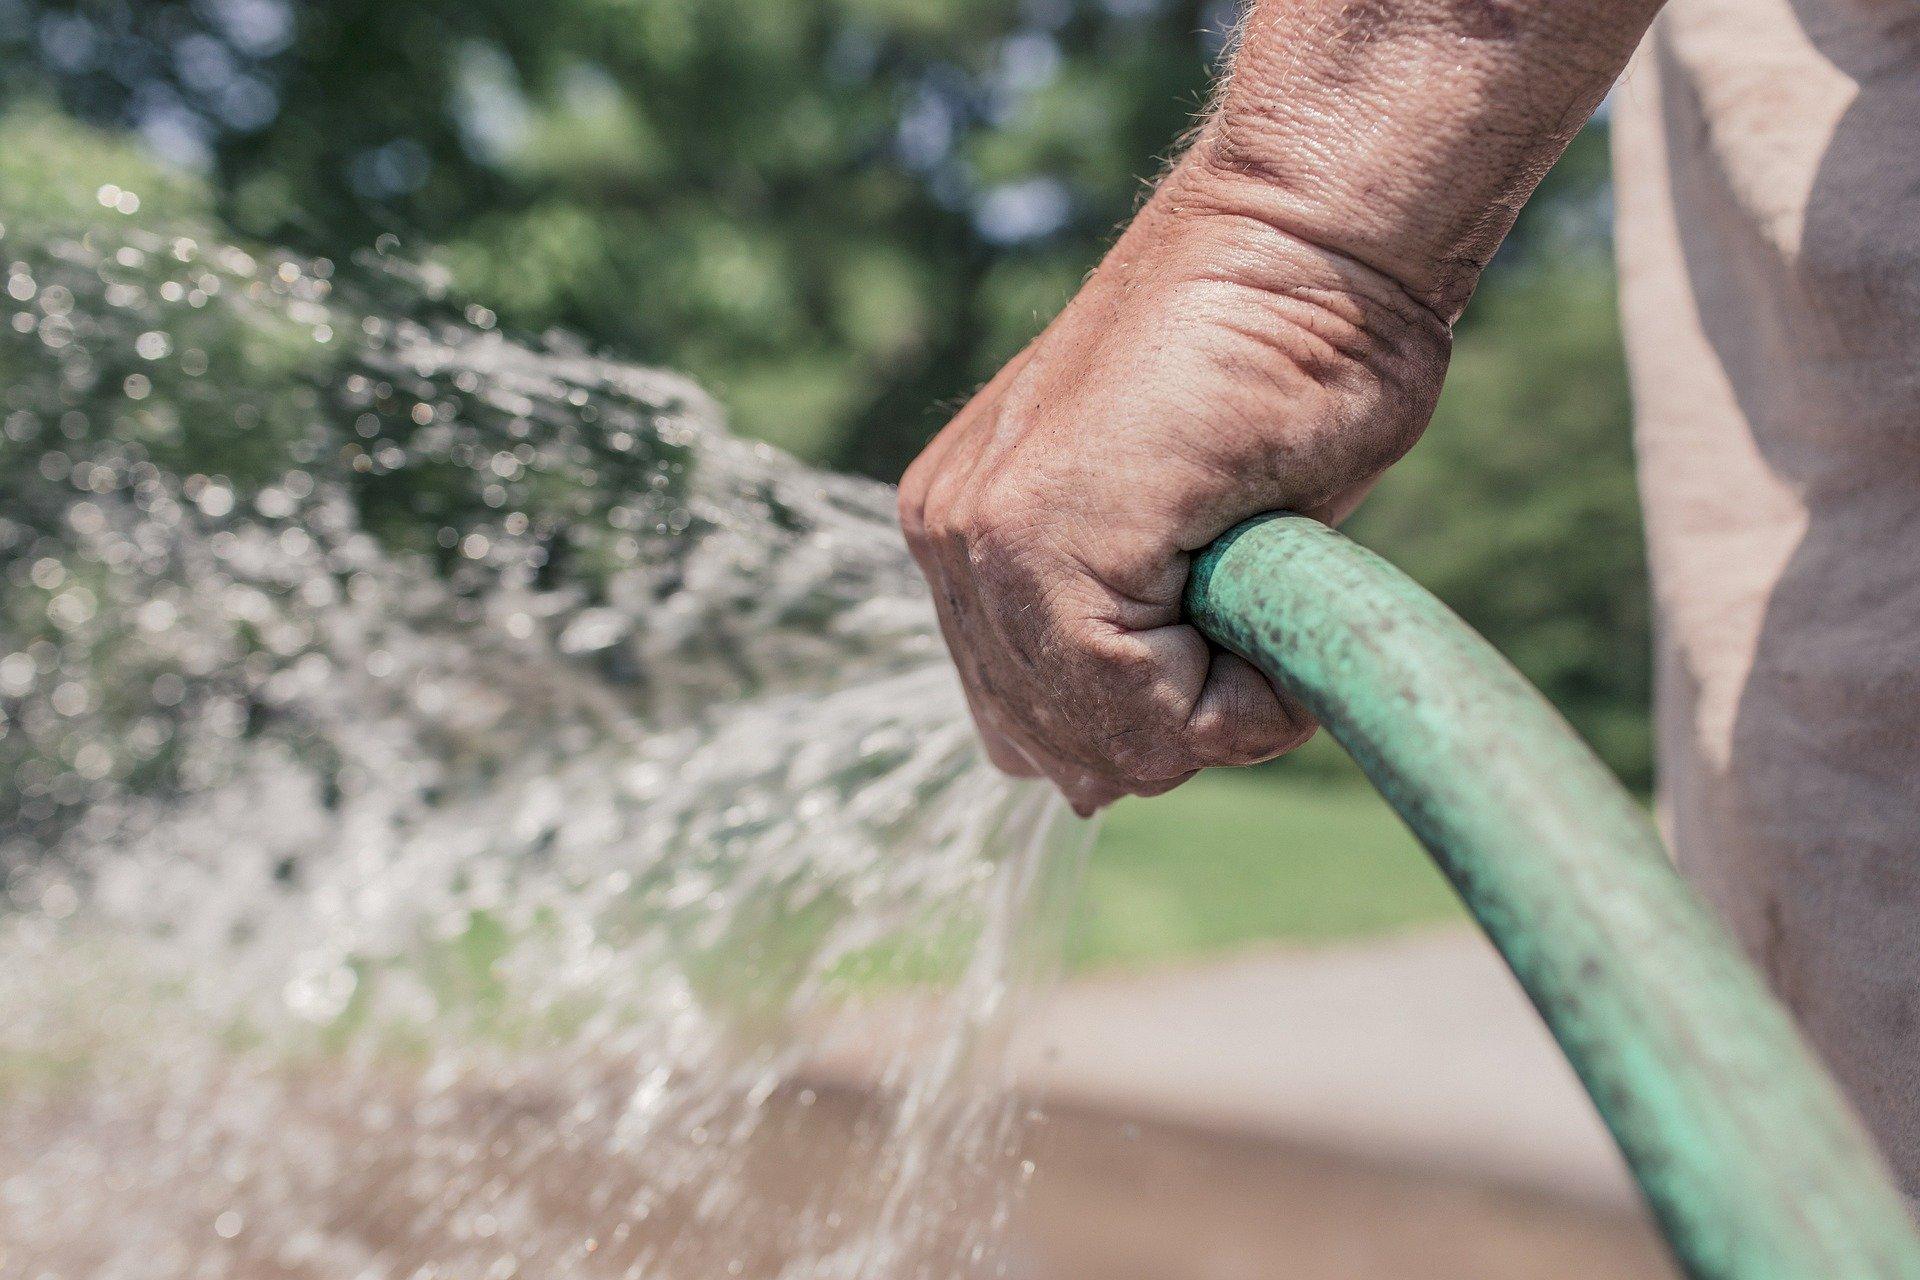 Assouplissement des restrictions sur l'eau